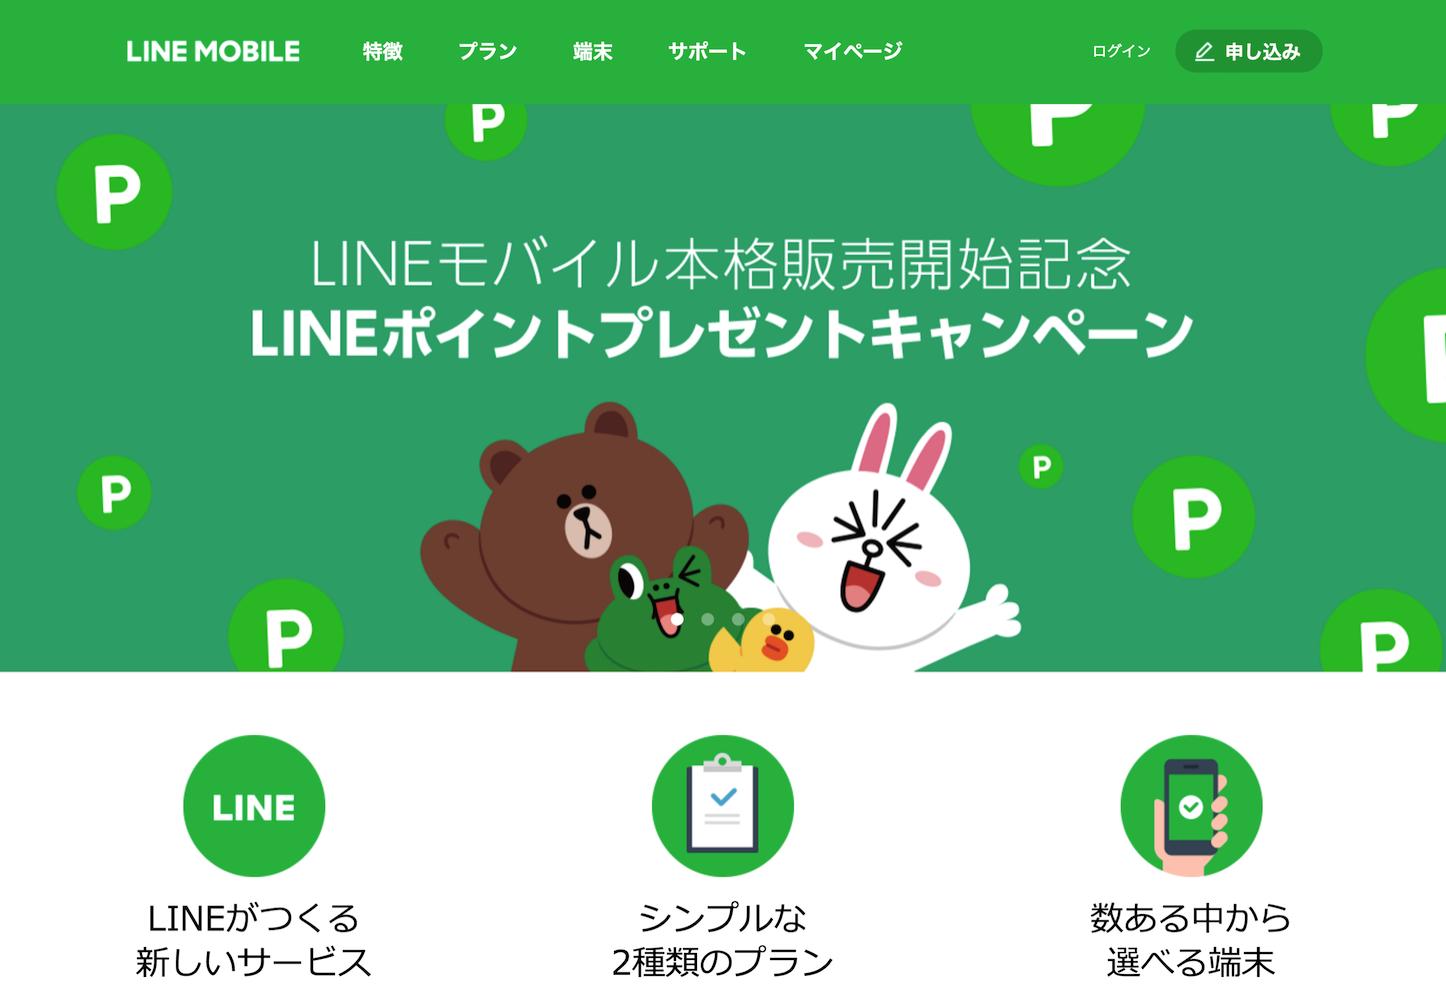 LINE-MOBILE-Sale-Start.png